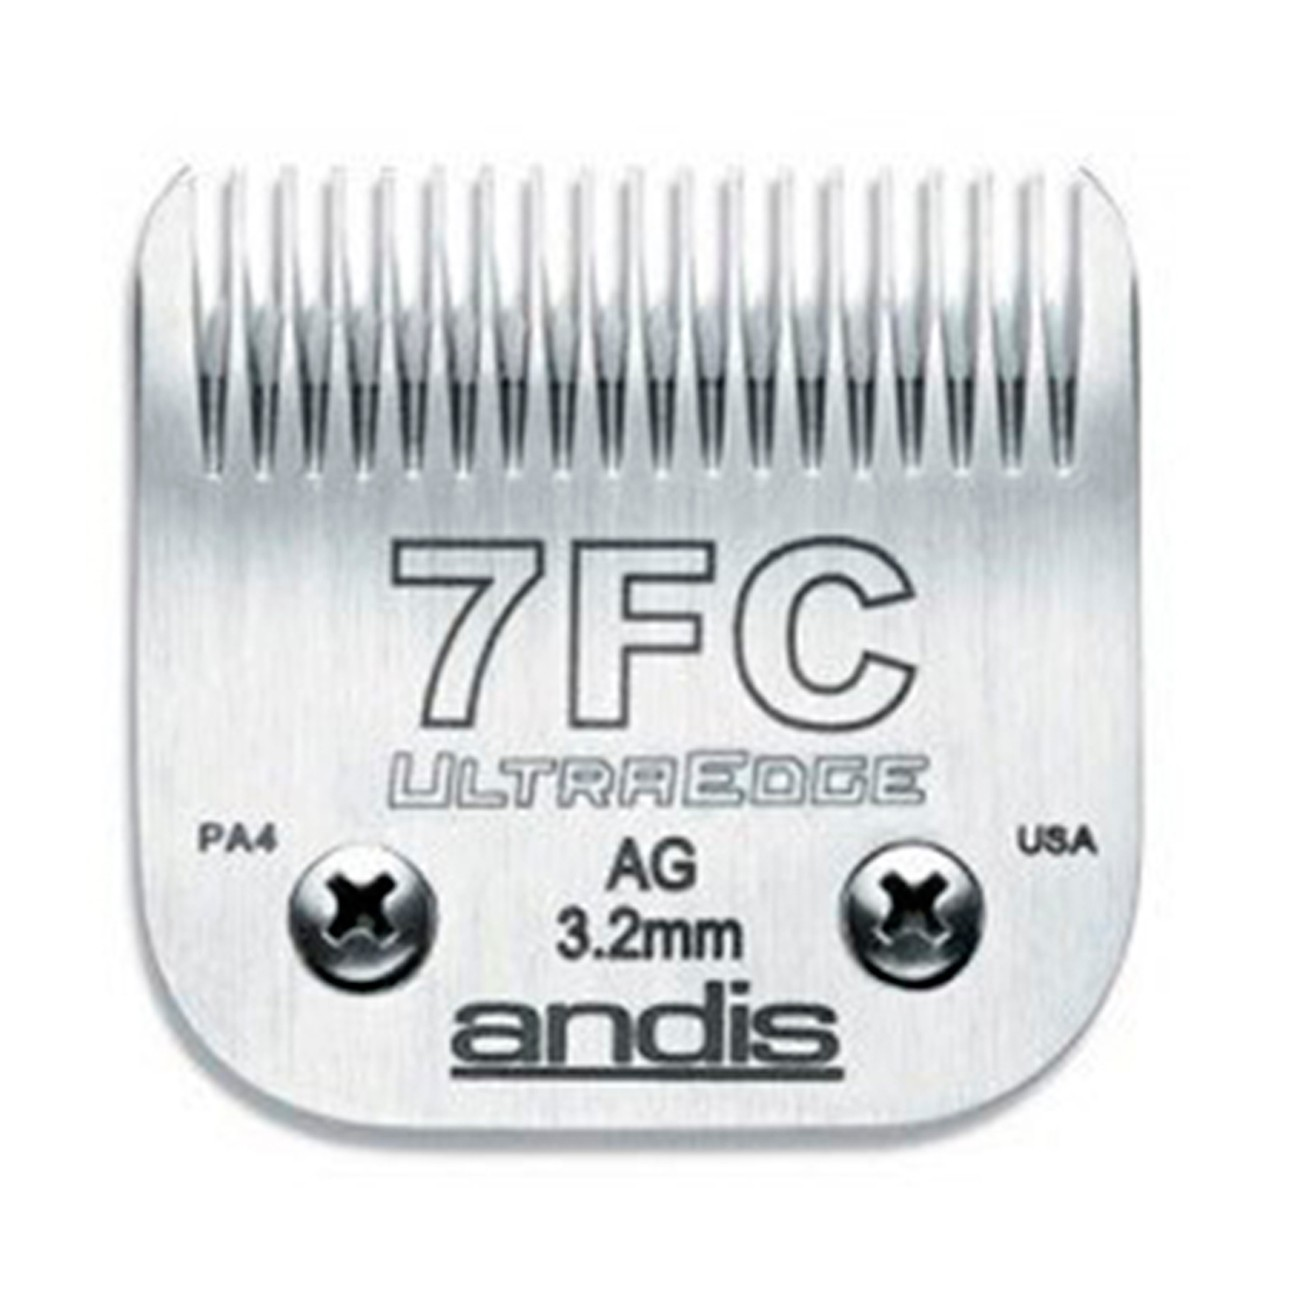 Lâmina Andis Ultraedge 7FC - 3,2mm